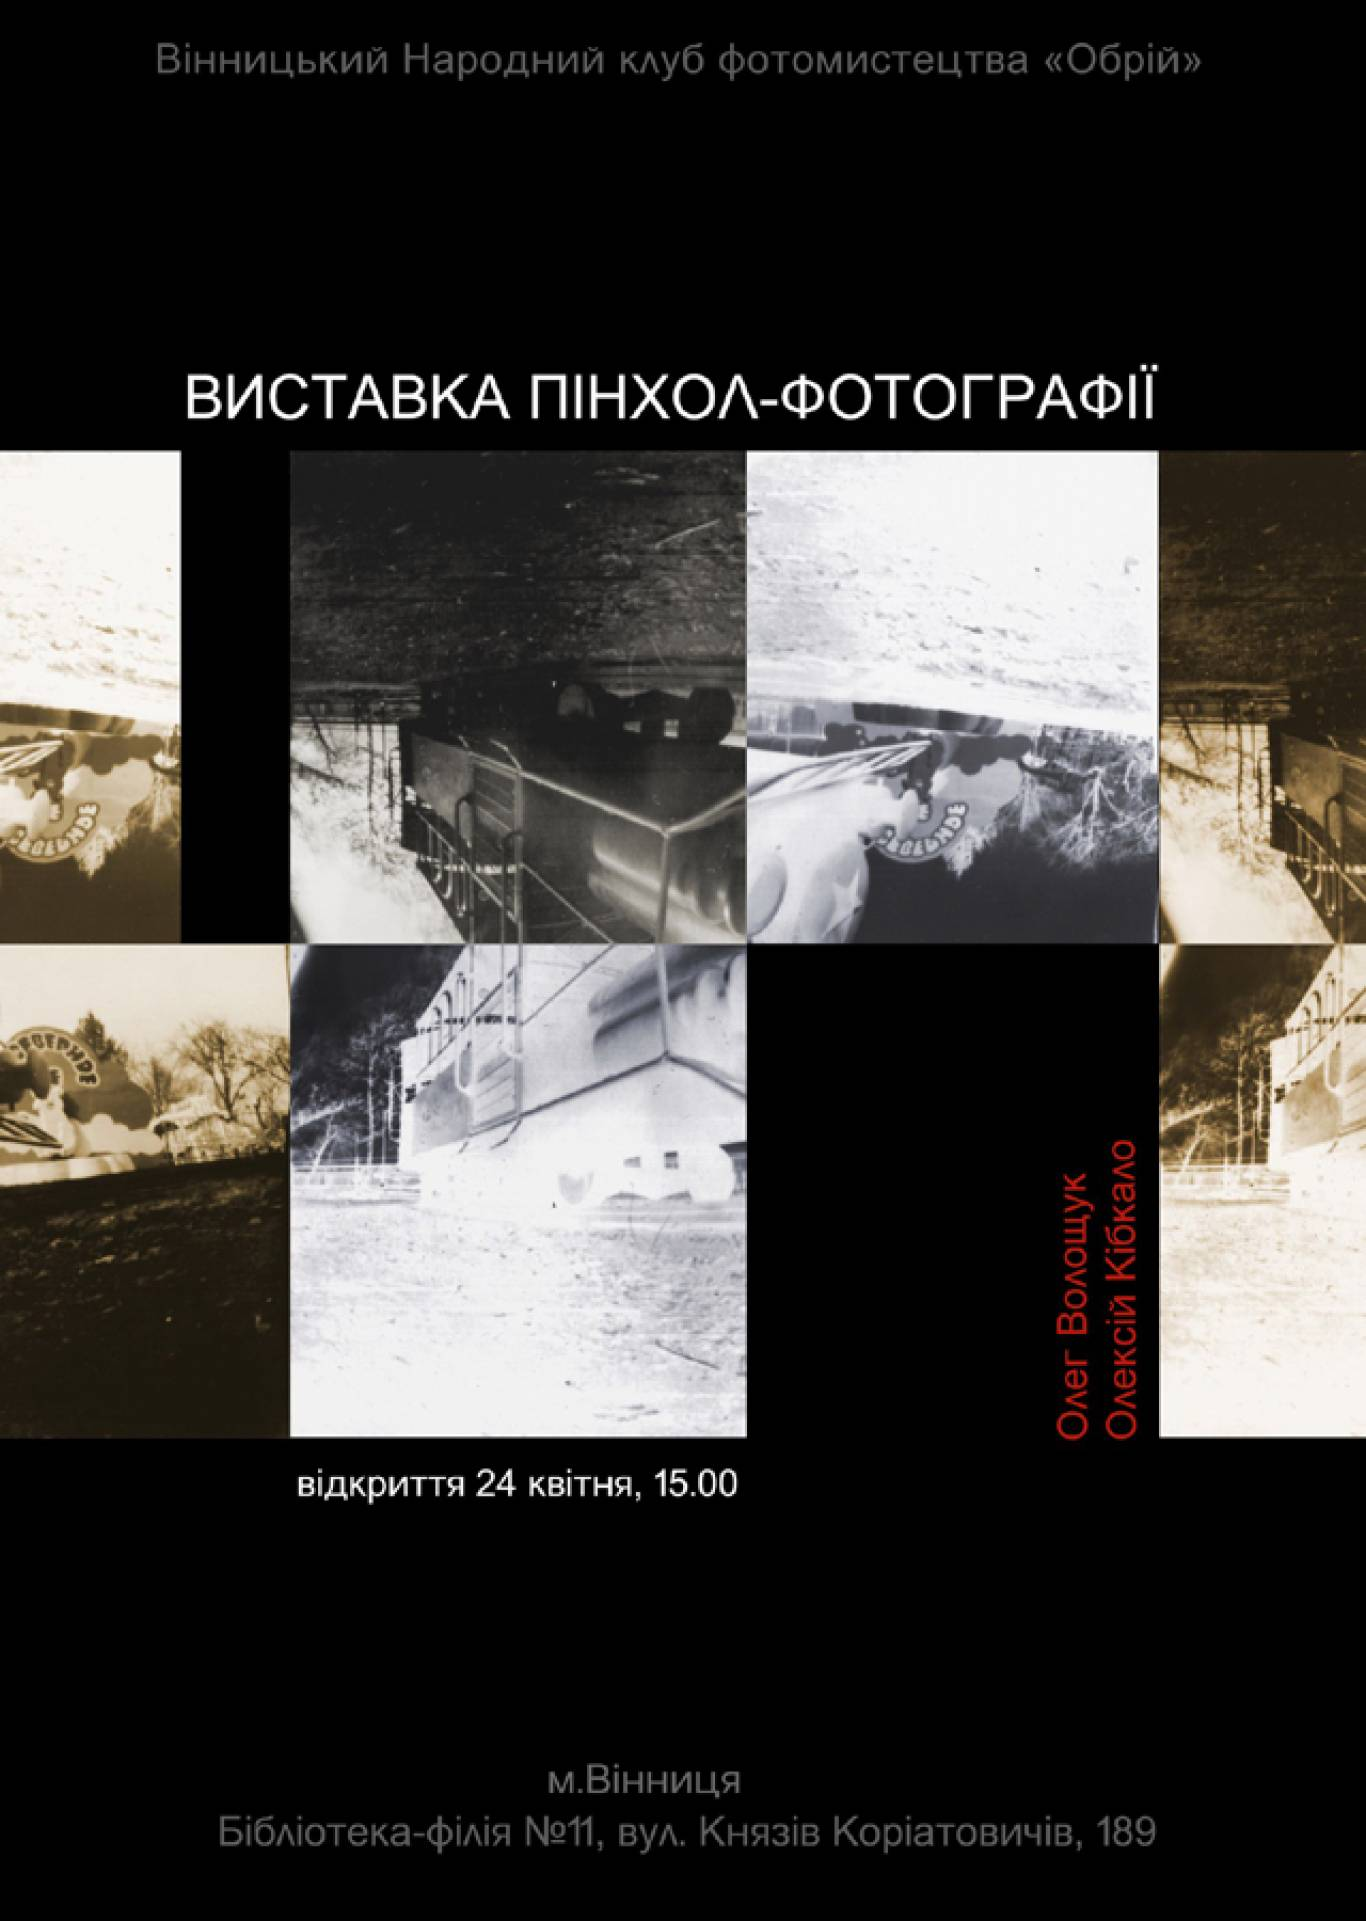 Виставка пінхол-фотоографії